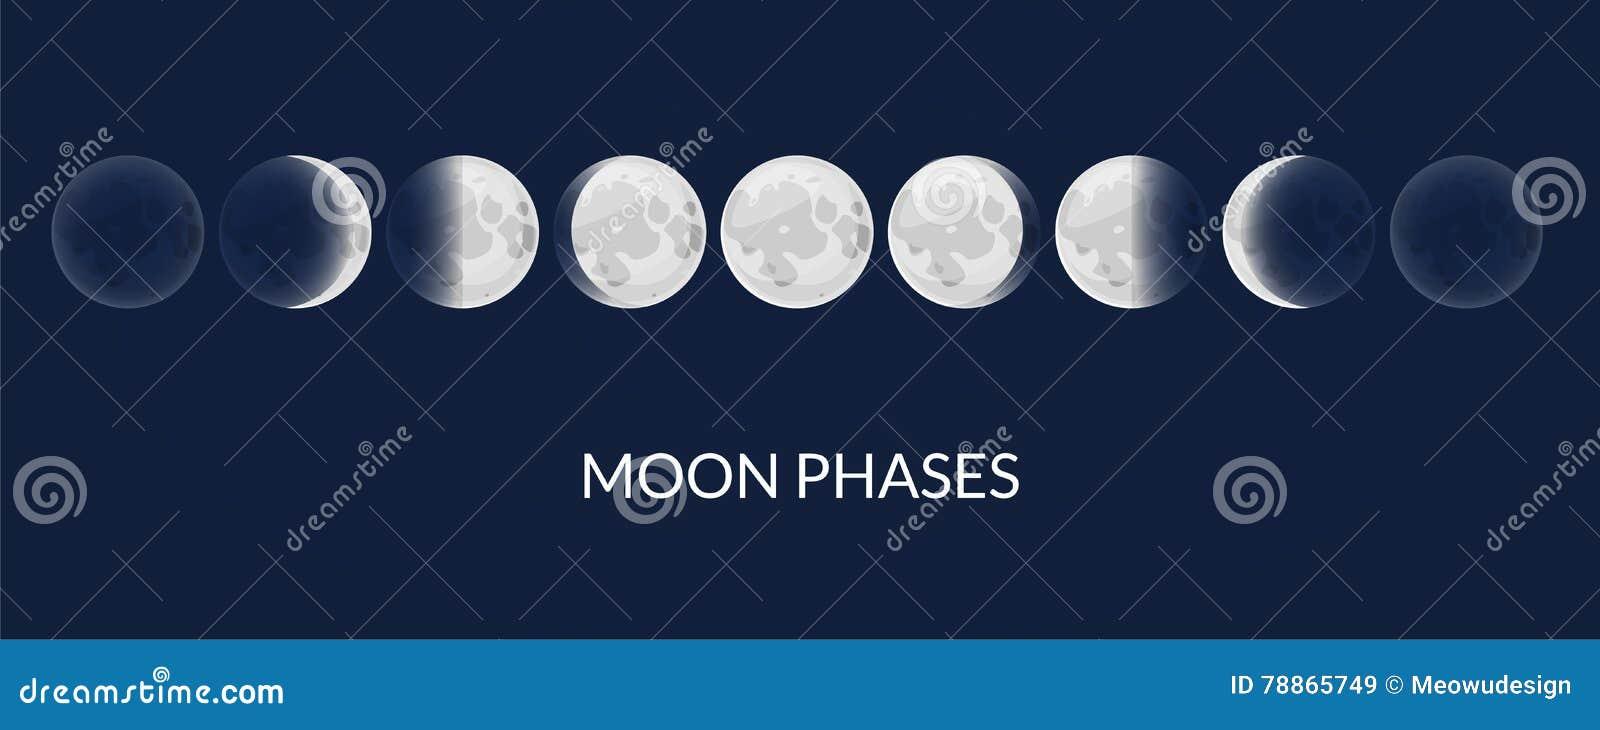 Månefaser, vektorillustration